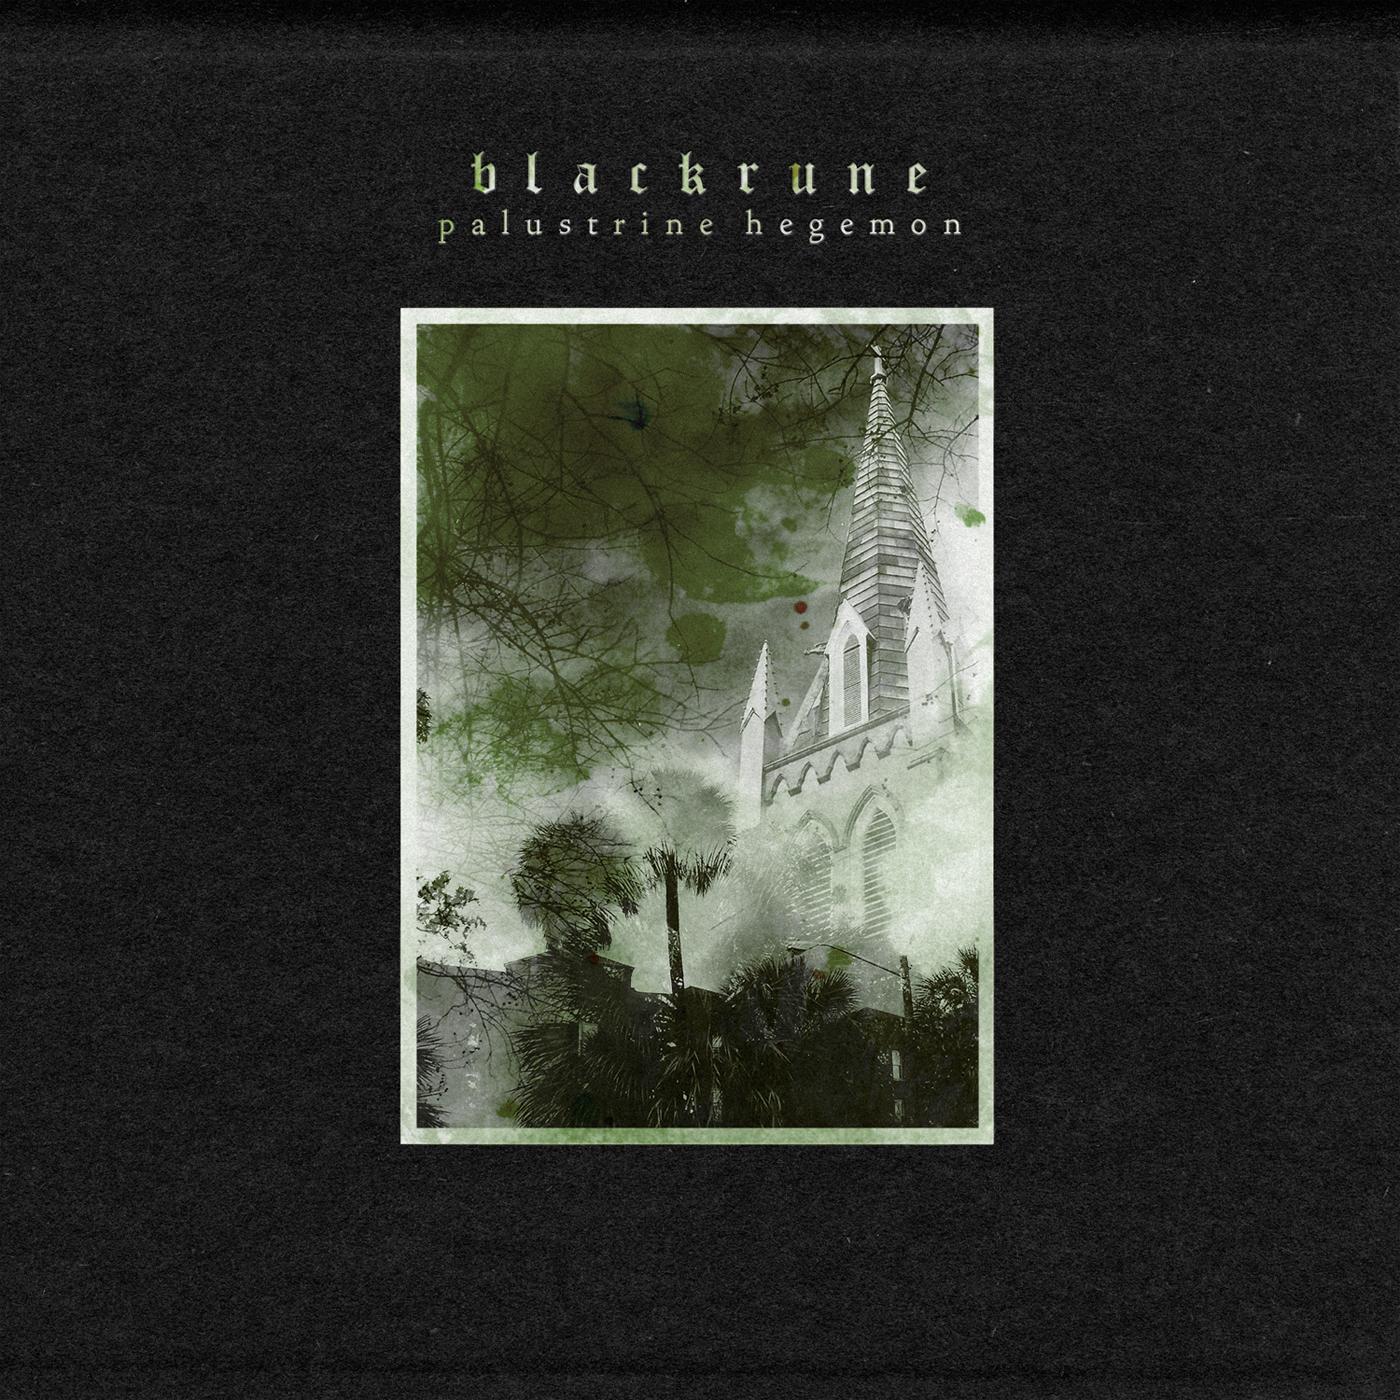 FHVI-006 Blackrune Cover_1400.jpg